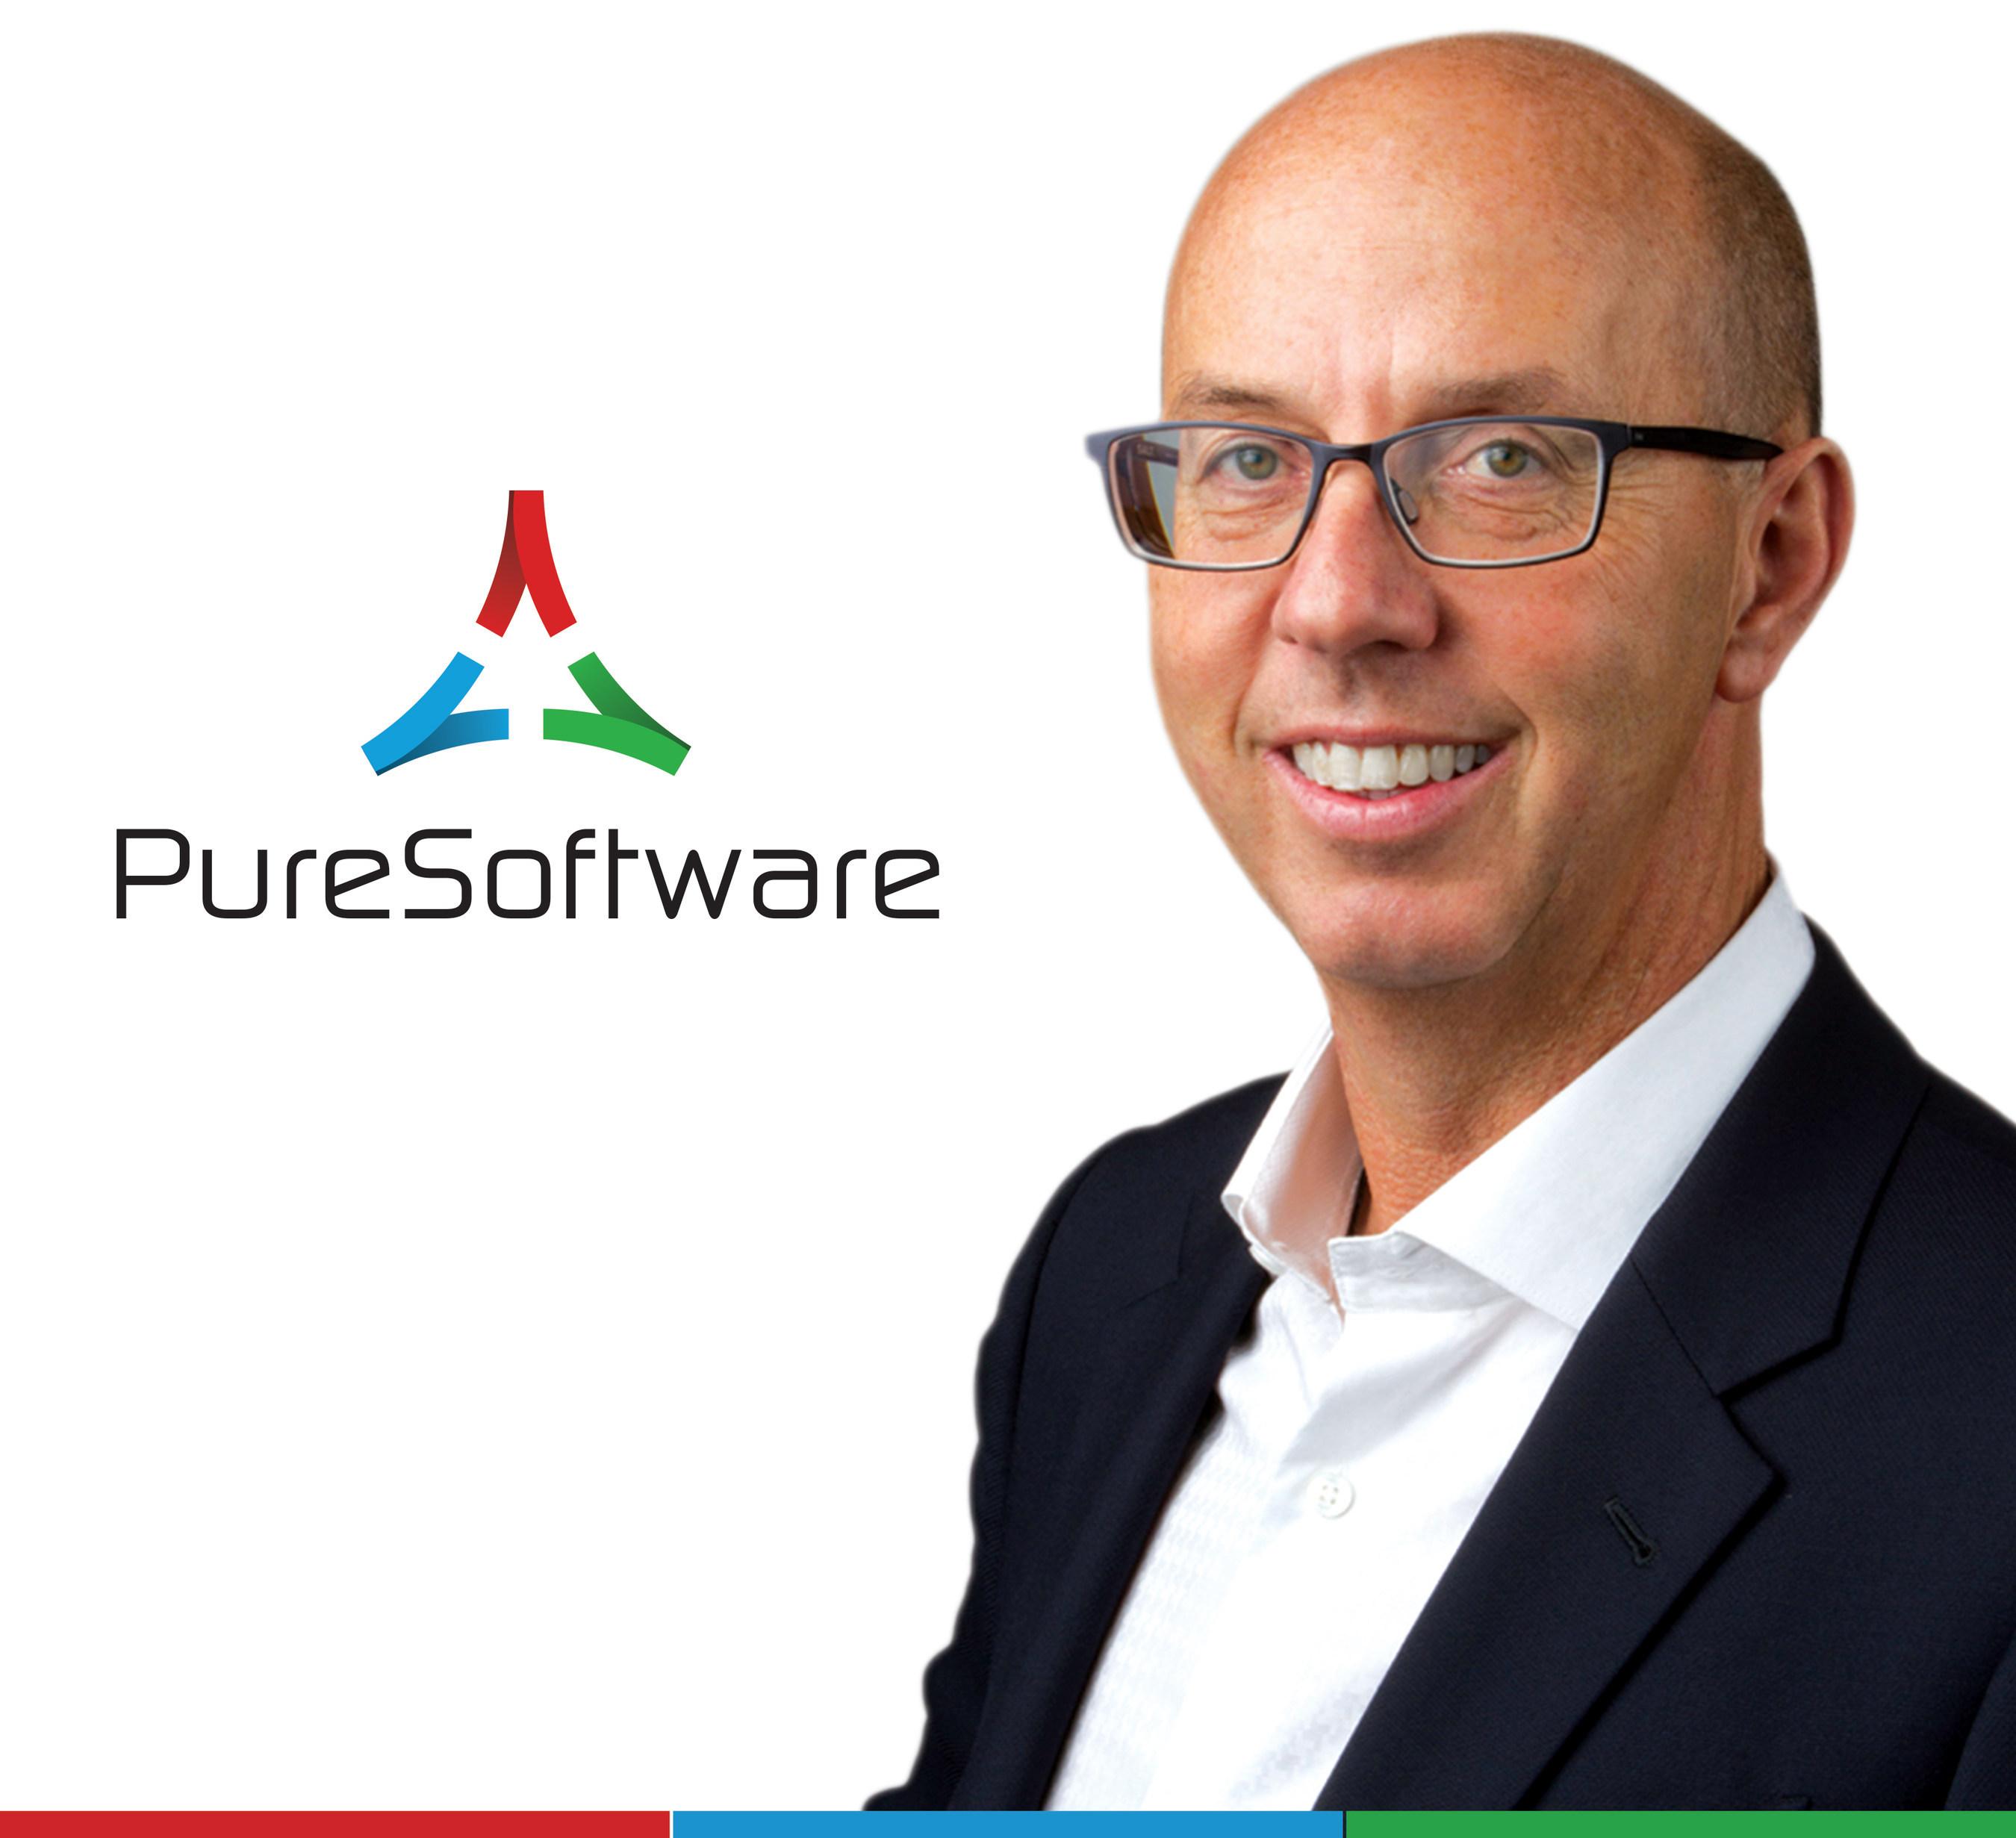 Gaming veteran Isaacs joins PureSoftware